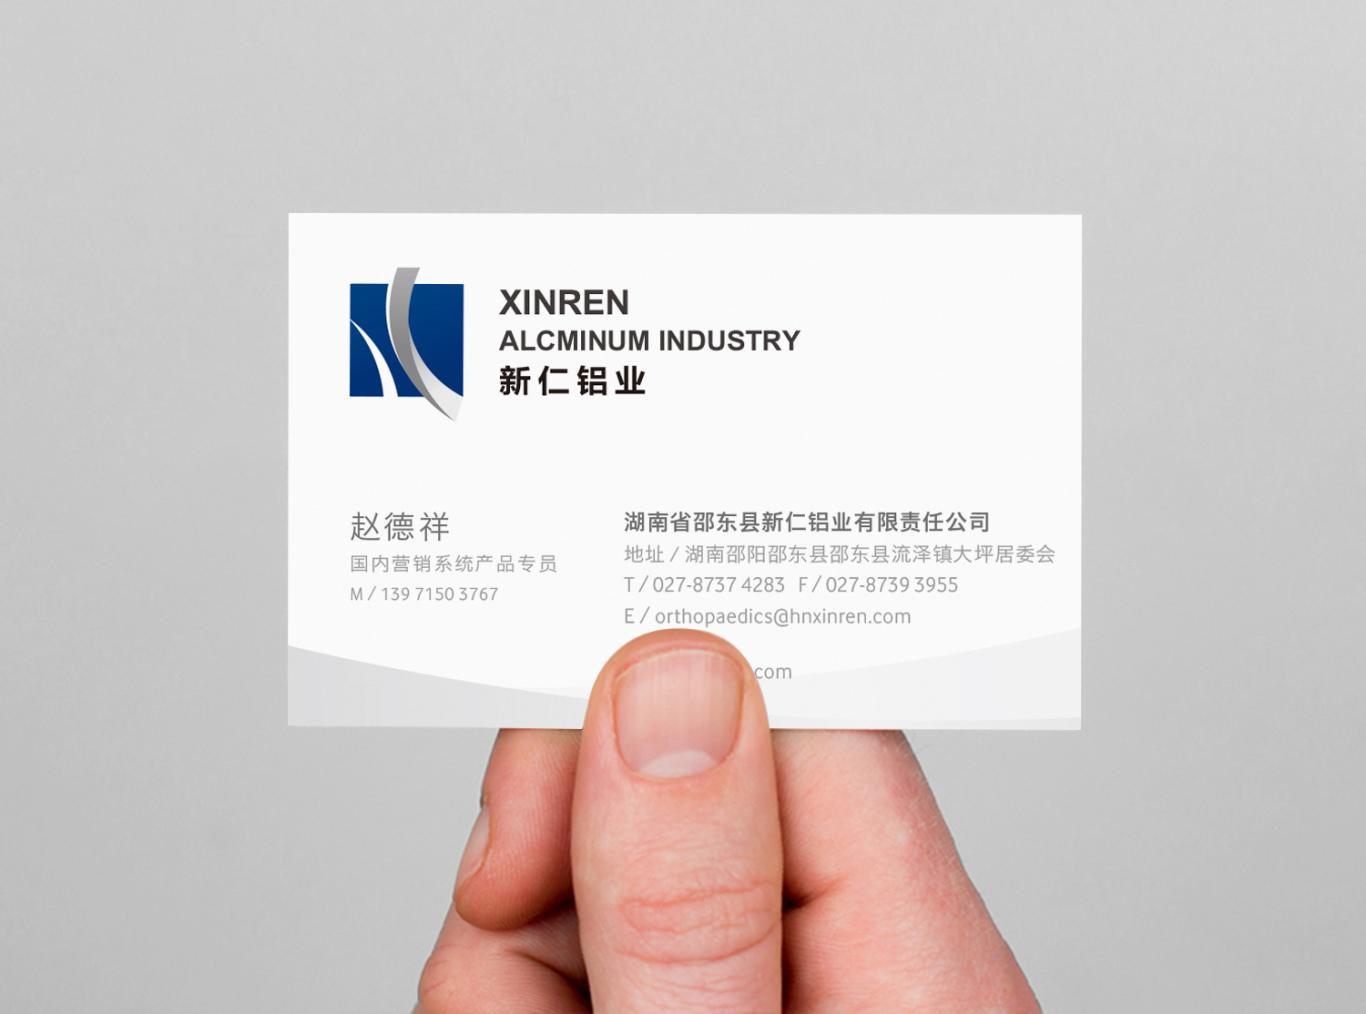 新仁铝业标志形象设计图1